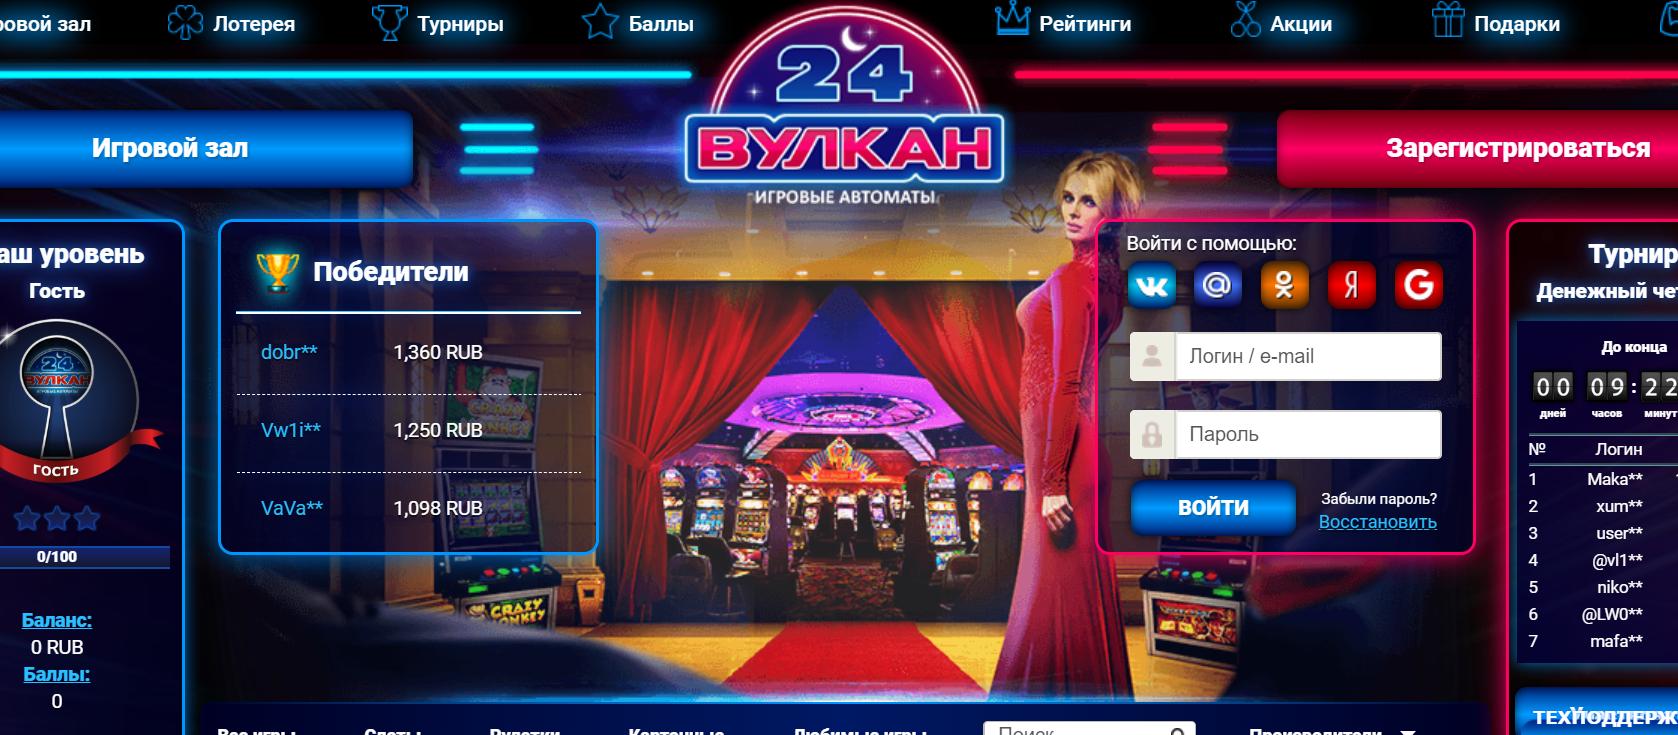 Пожалуй, самые качественные игровые автоматы Вулкан 24